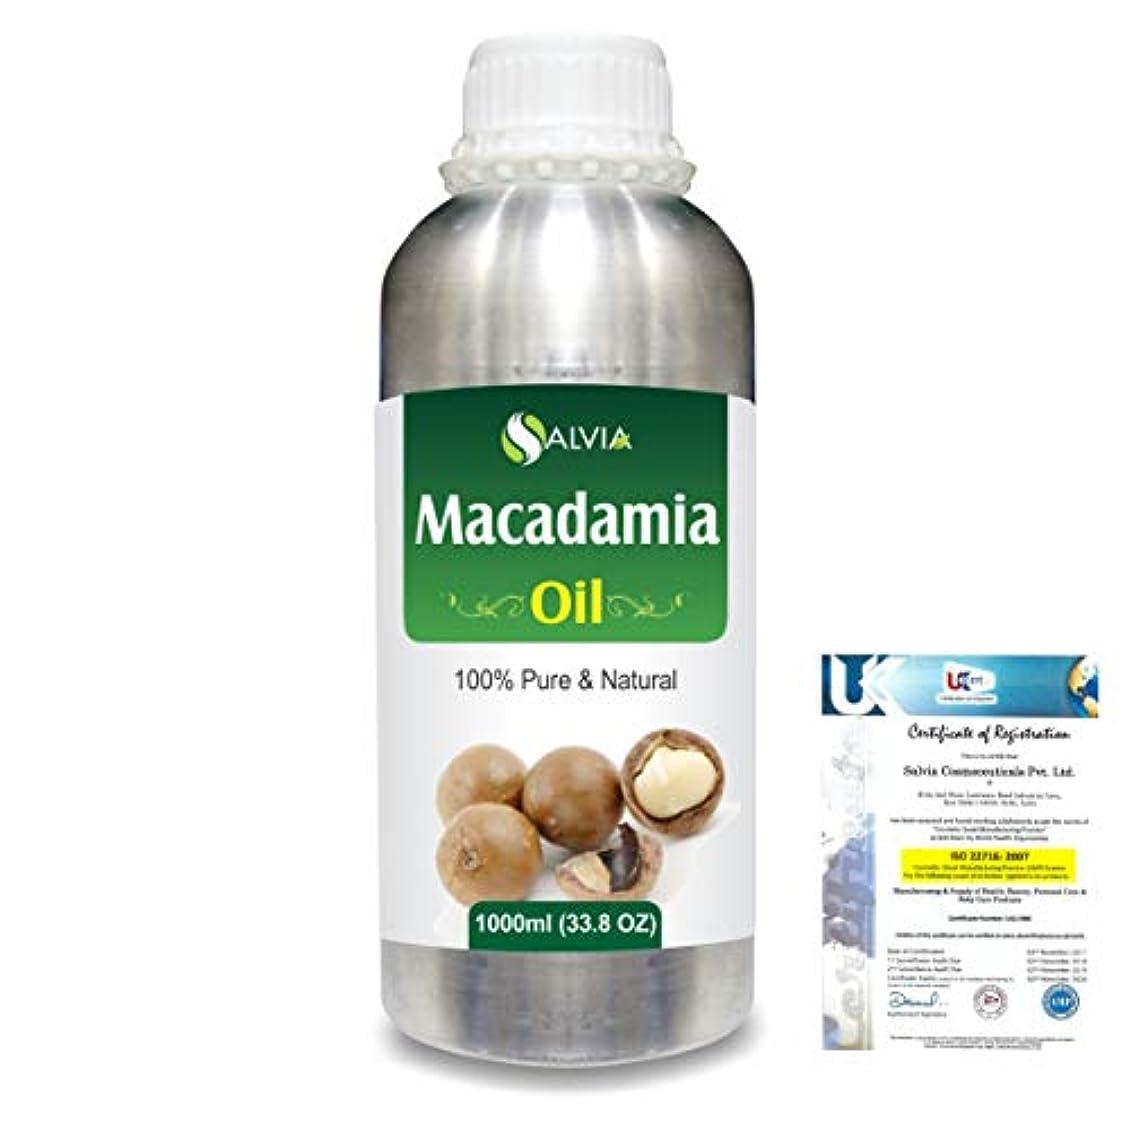 テクニカル代表する失礼なMacadamia (Macadamia Integrifolia) Natural Pure Undiluted Uncut Carrier Oil 1000ml/33.8 fl.oz.